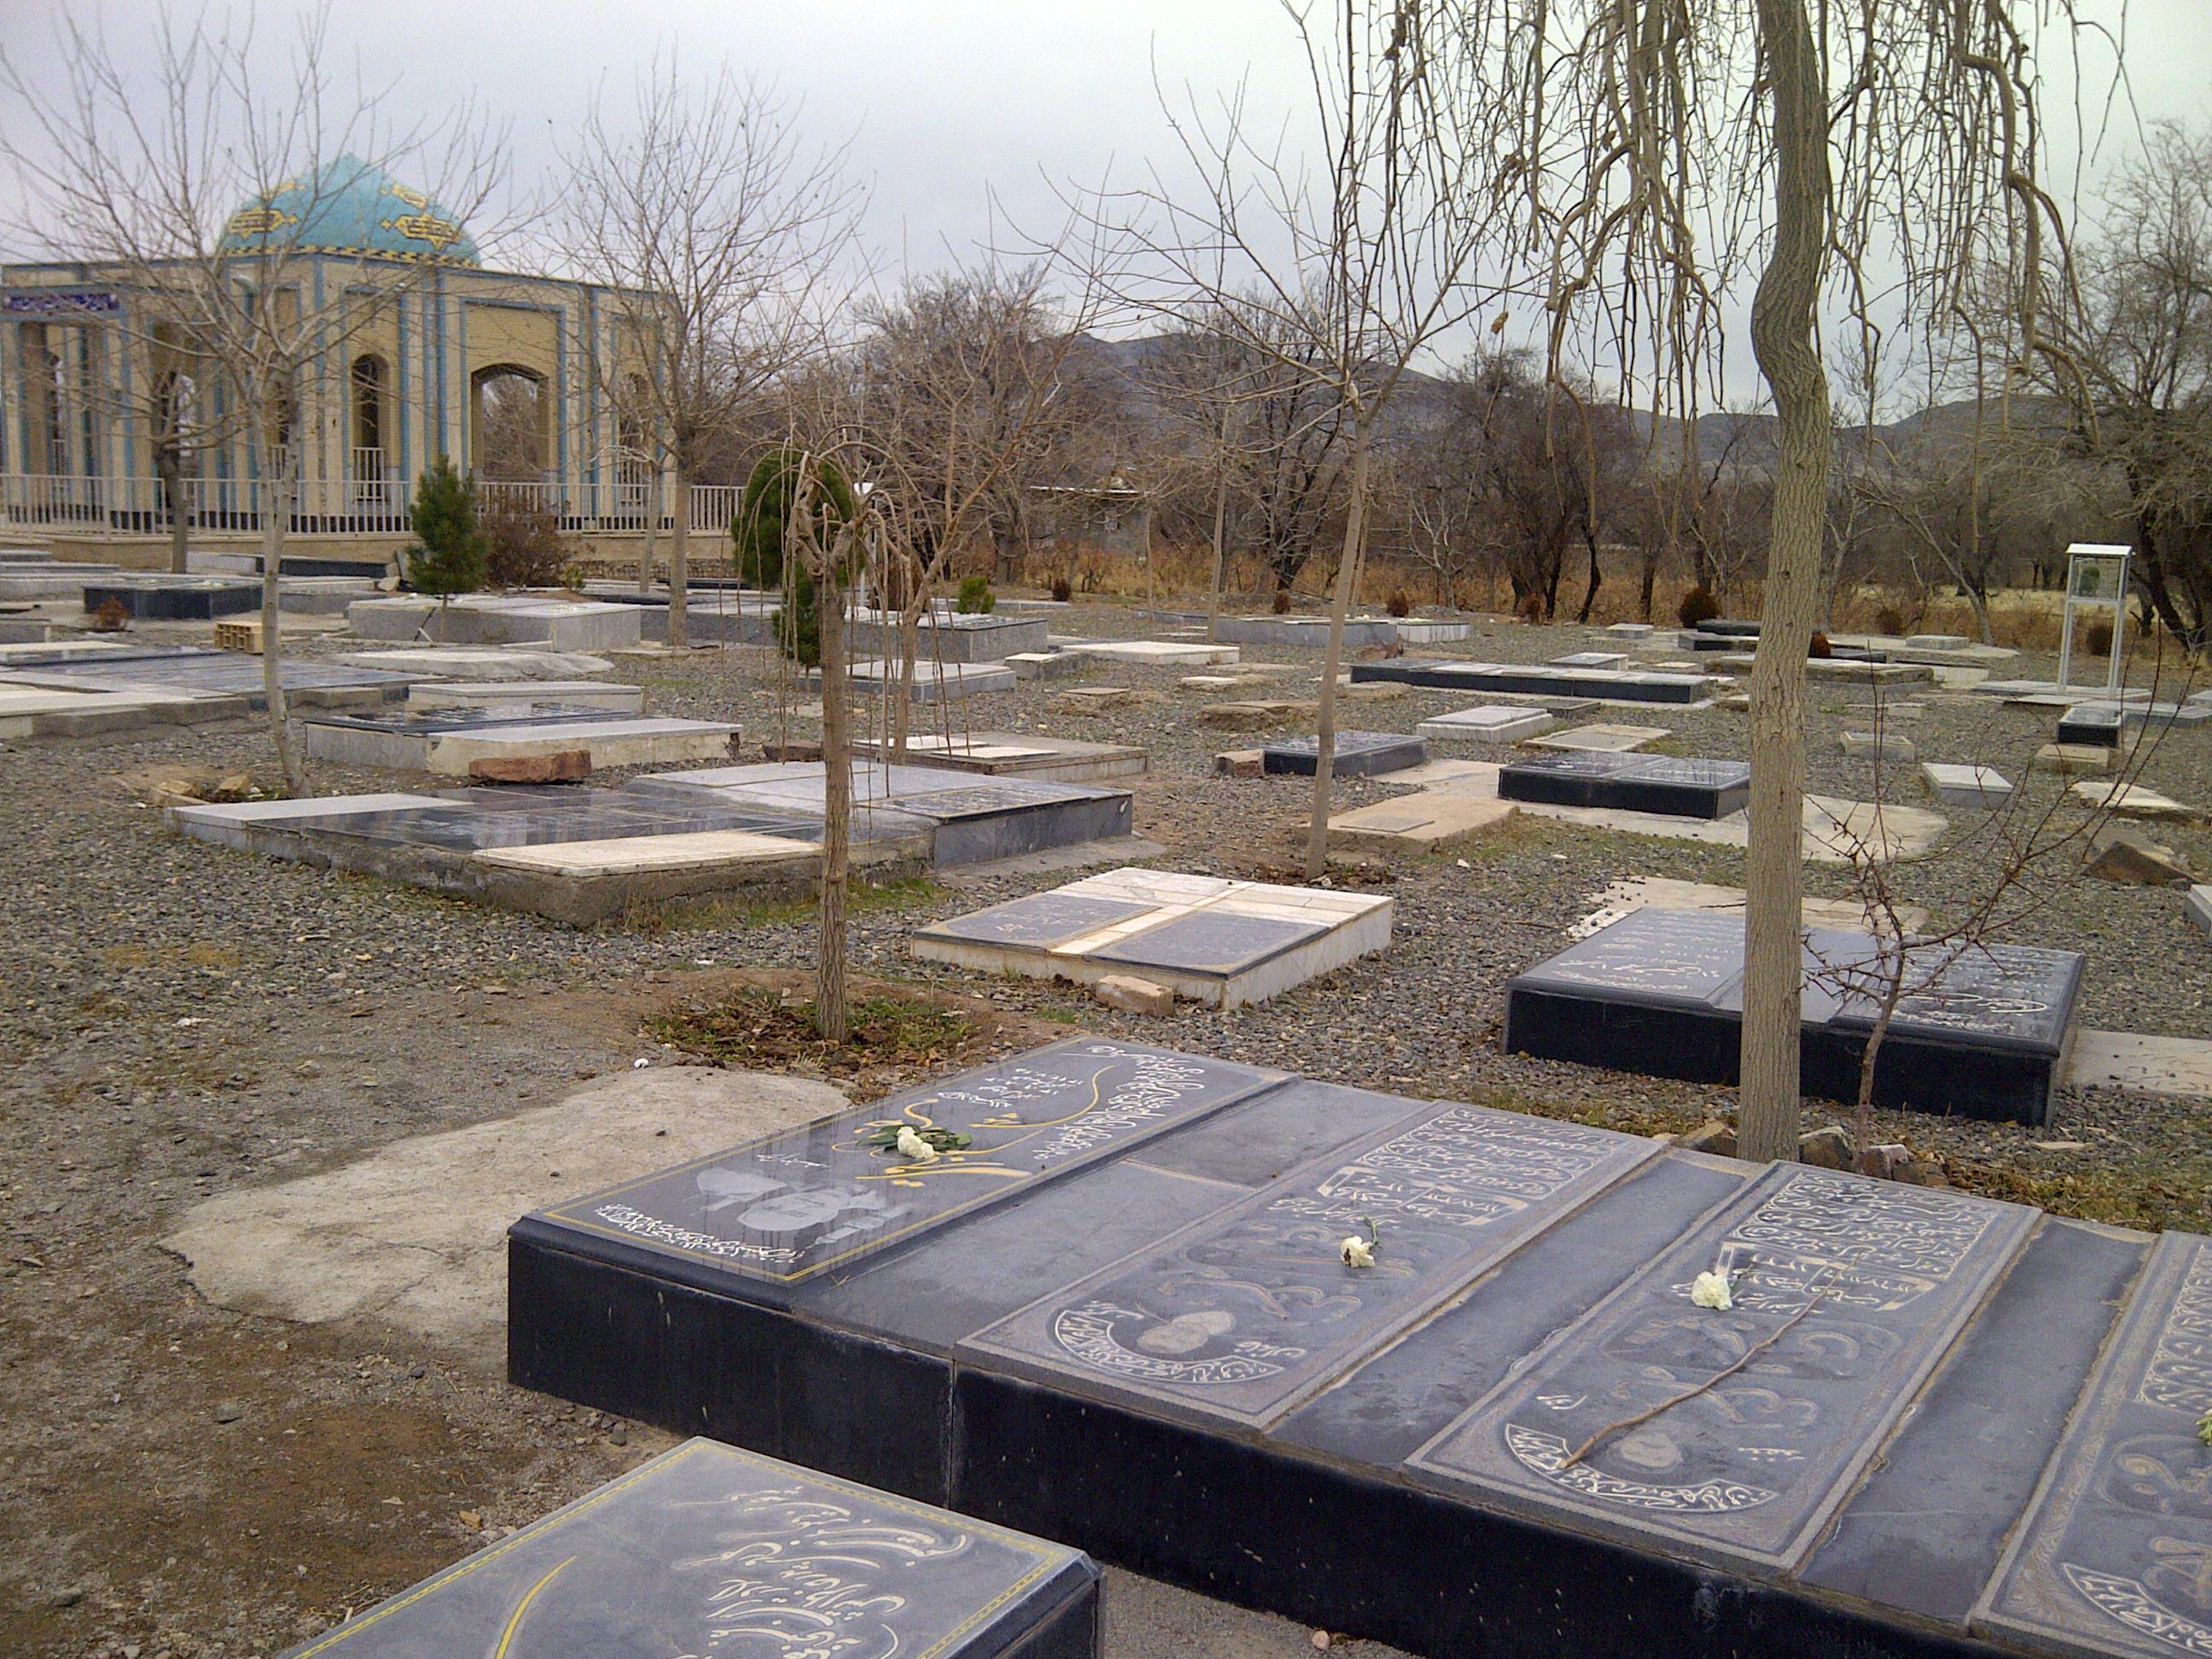 اهمیت حق الناس نسبت به خیرات کردن برا مردگان/ موات چه زمانی صدای مارا میشنوند؟